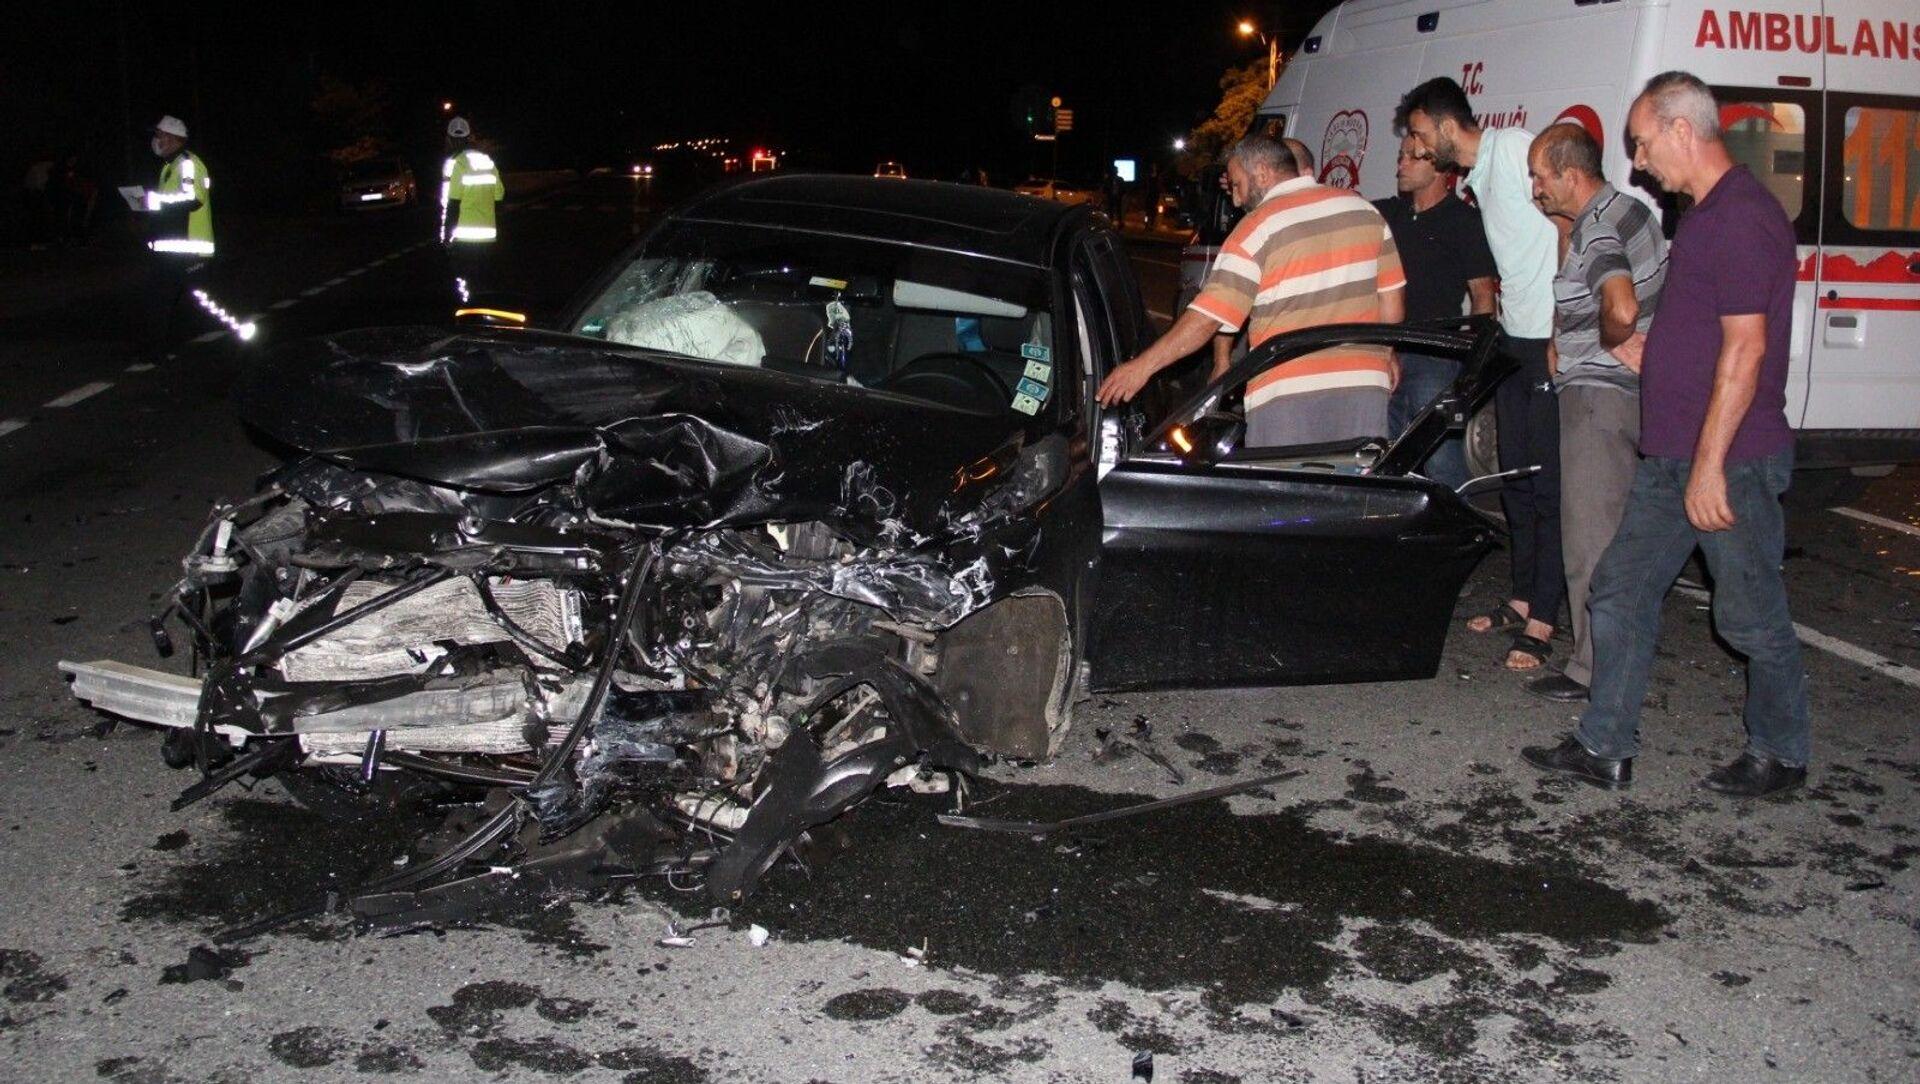 Erzincan'da meydana gelen trafik kazasında 10 aylık bebek hayatını kaybederken 7 kişi de yaralandı. - Sputnik Türkiye, 1920, 06.08.2021